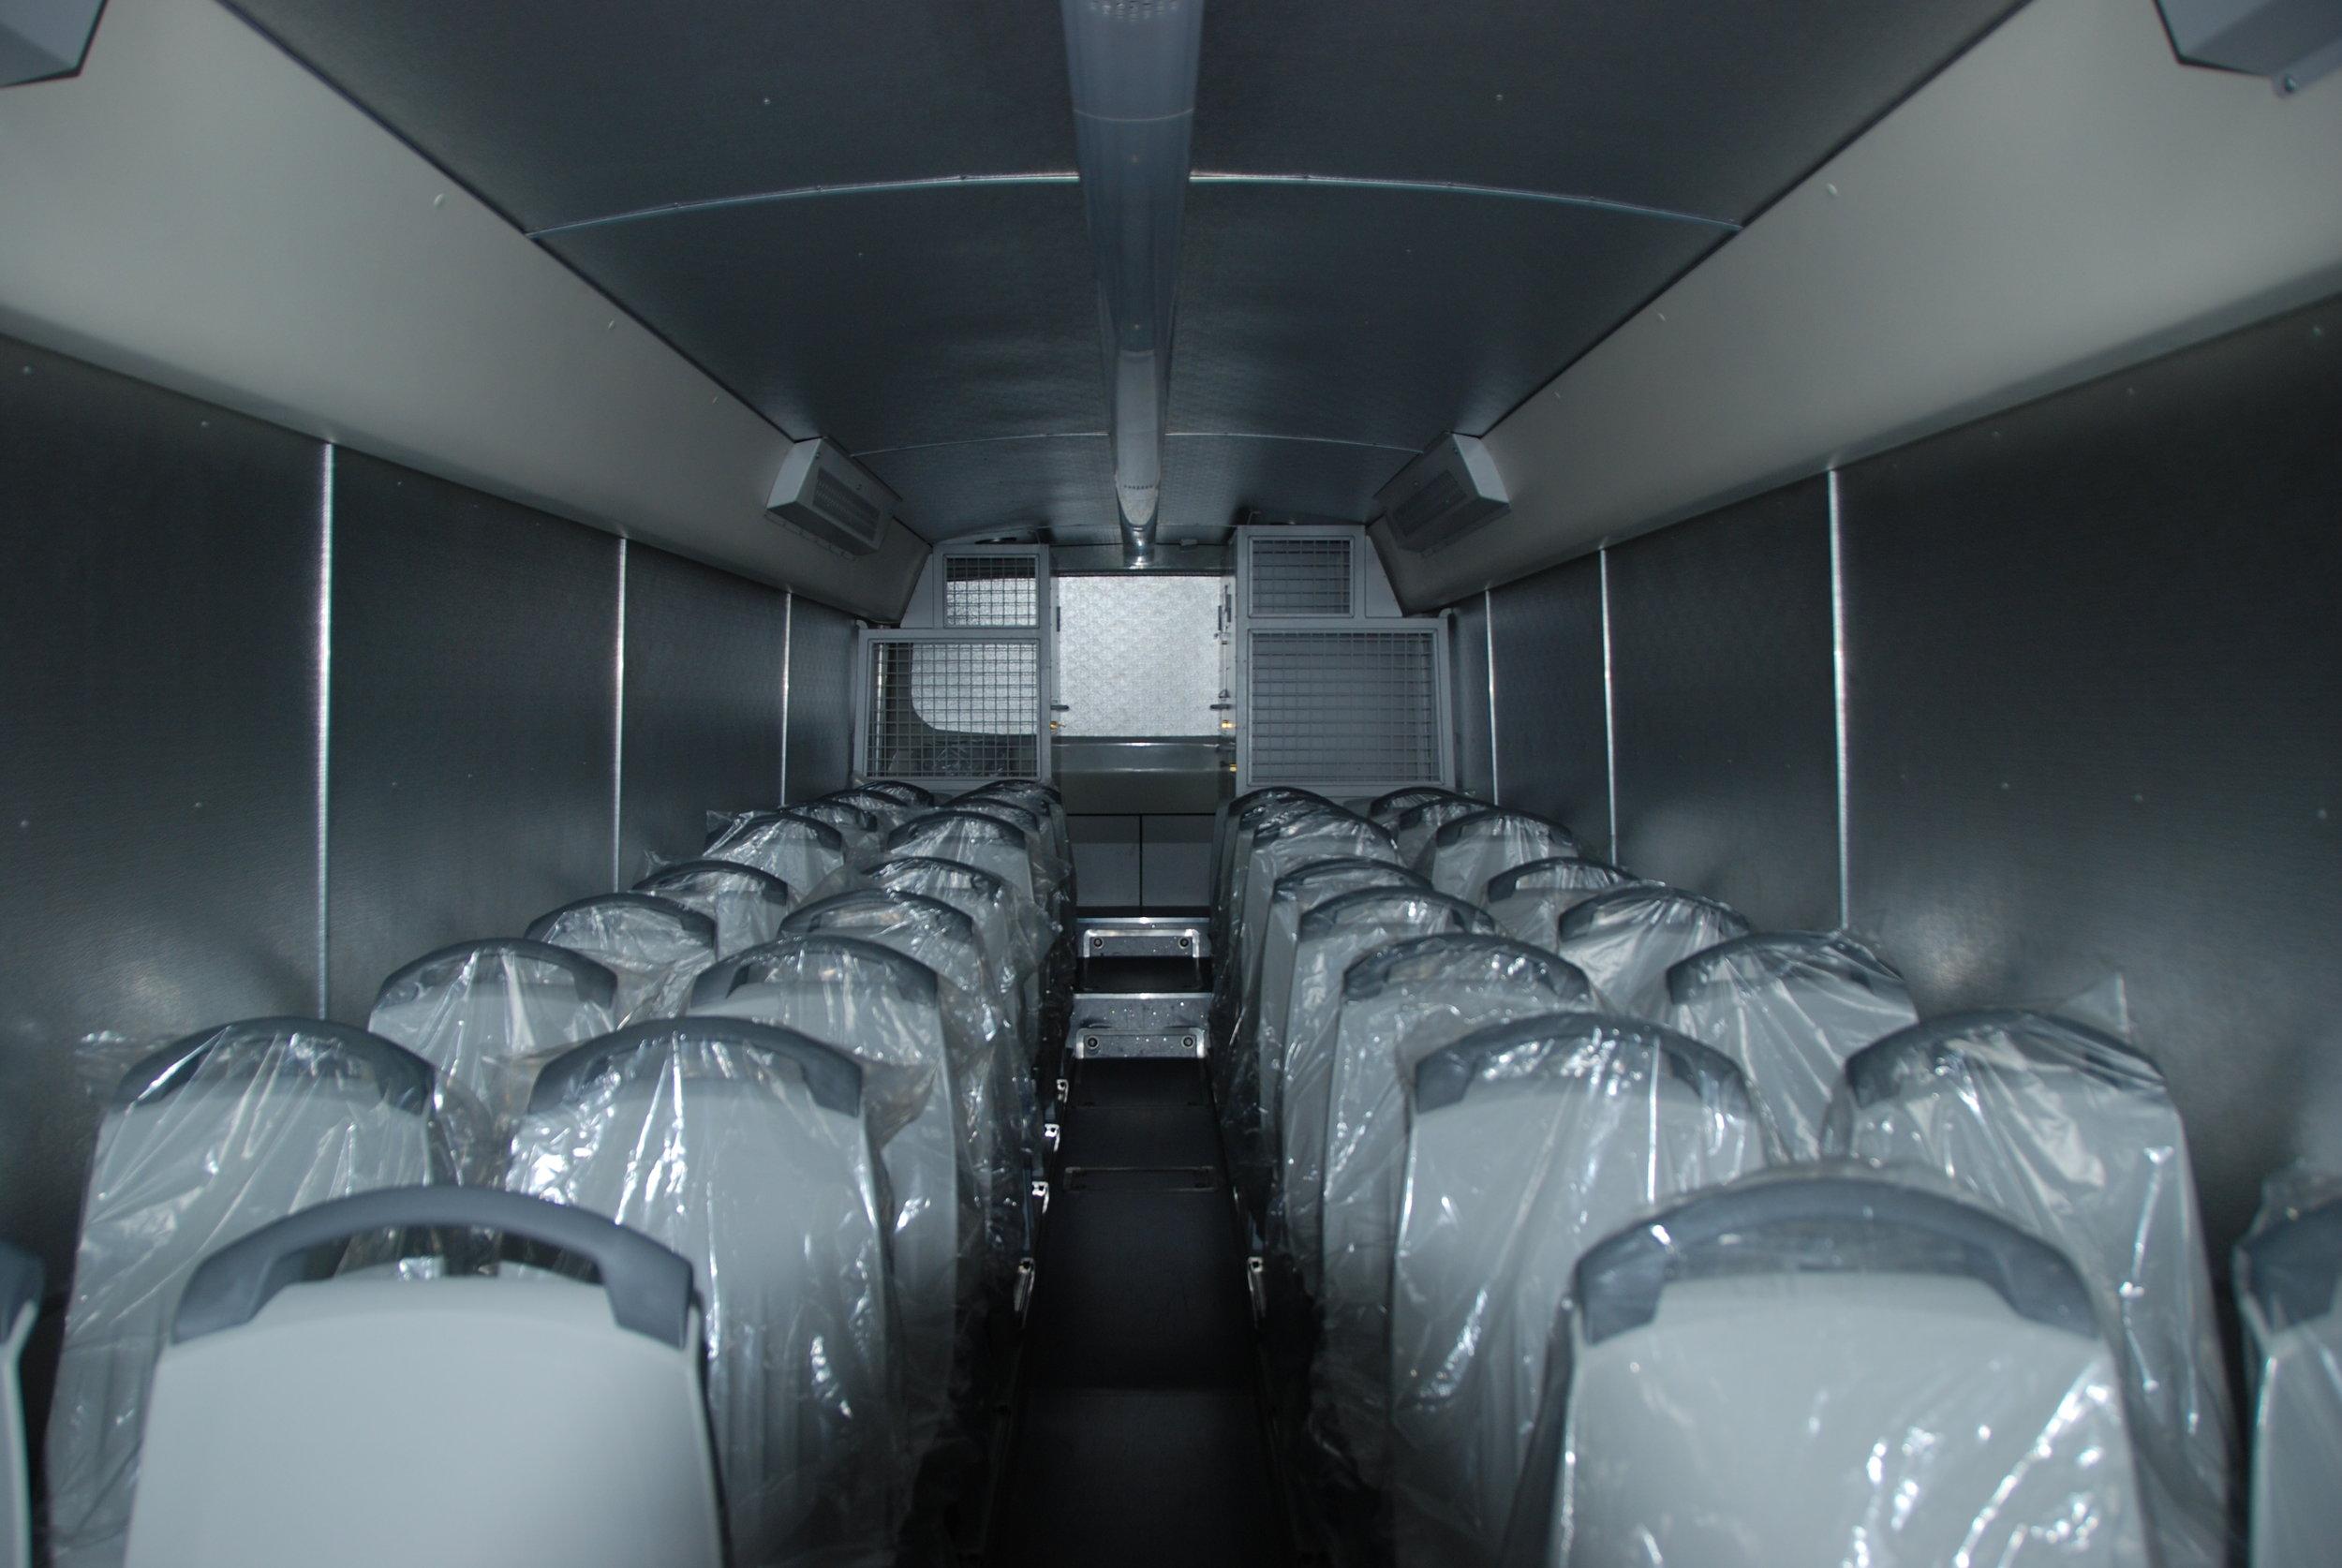 Jistě existují i pohodlnější verze Crosswaye… Zde je jedna z variant uspořádání interiéru Vězeňského autobusu z roku 2013. (foto: Libor Hinčica)